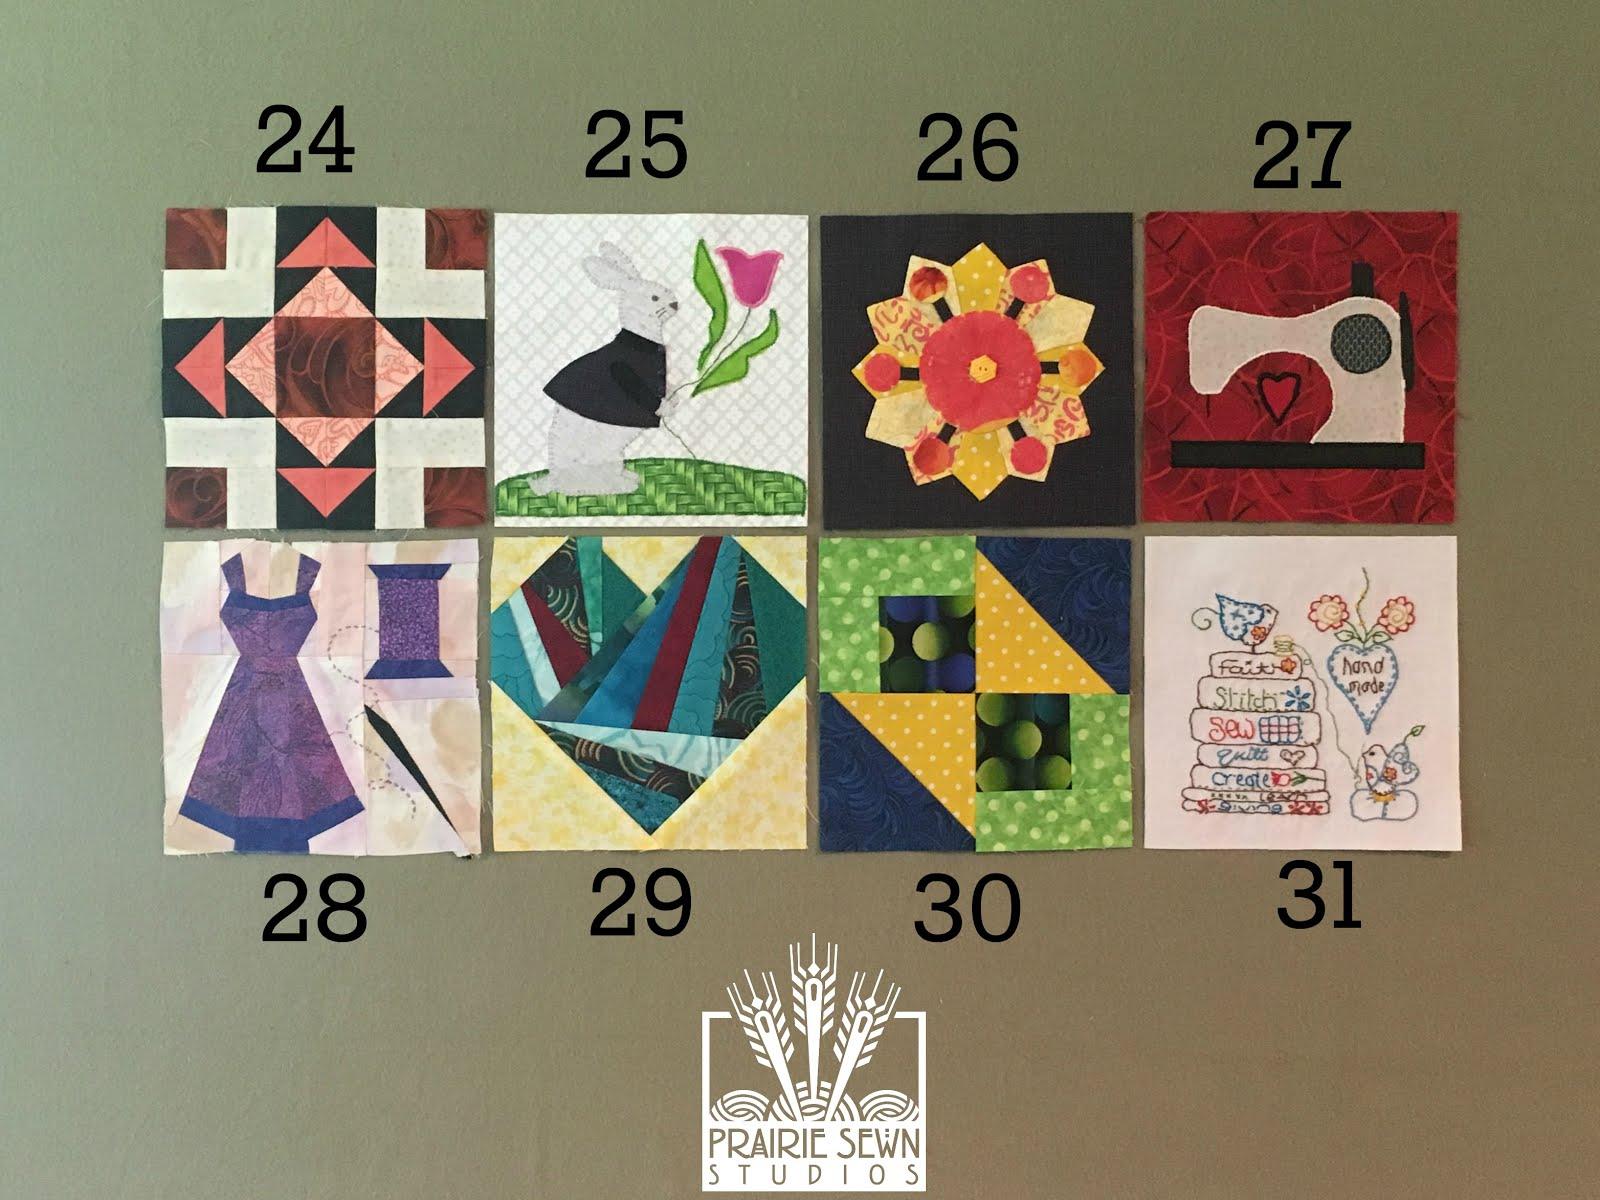 The Splendid Sampler Blocks 34-31